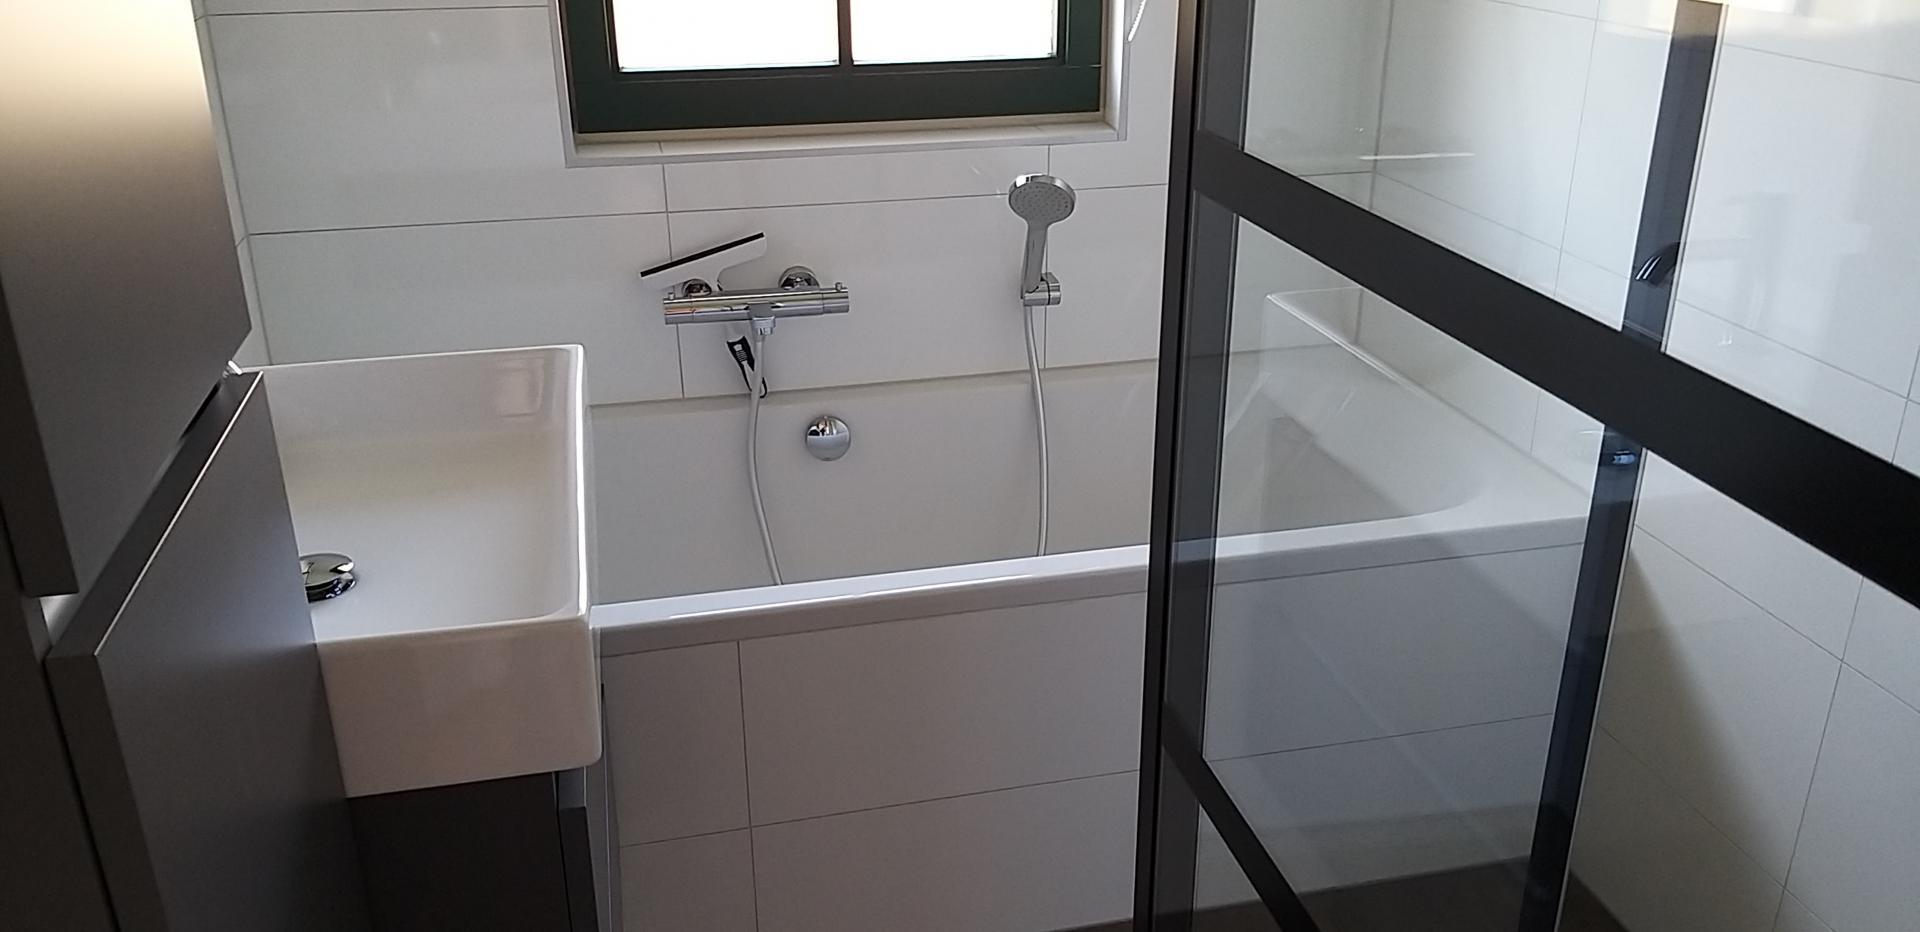 Badkamer woonboerderij Striks Erve 45, 4 persoons Comfort